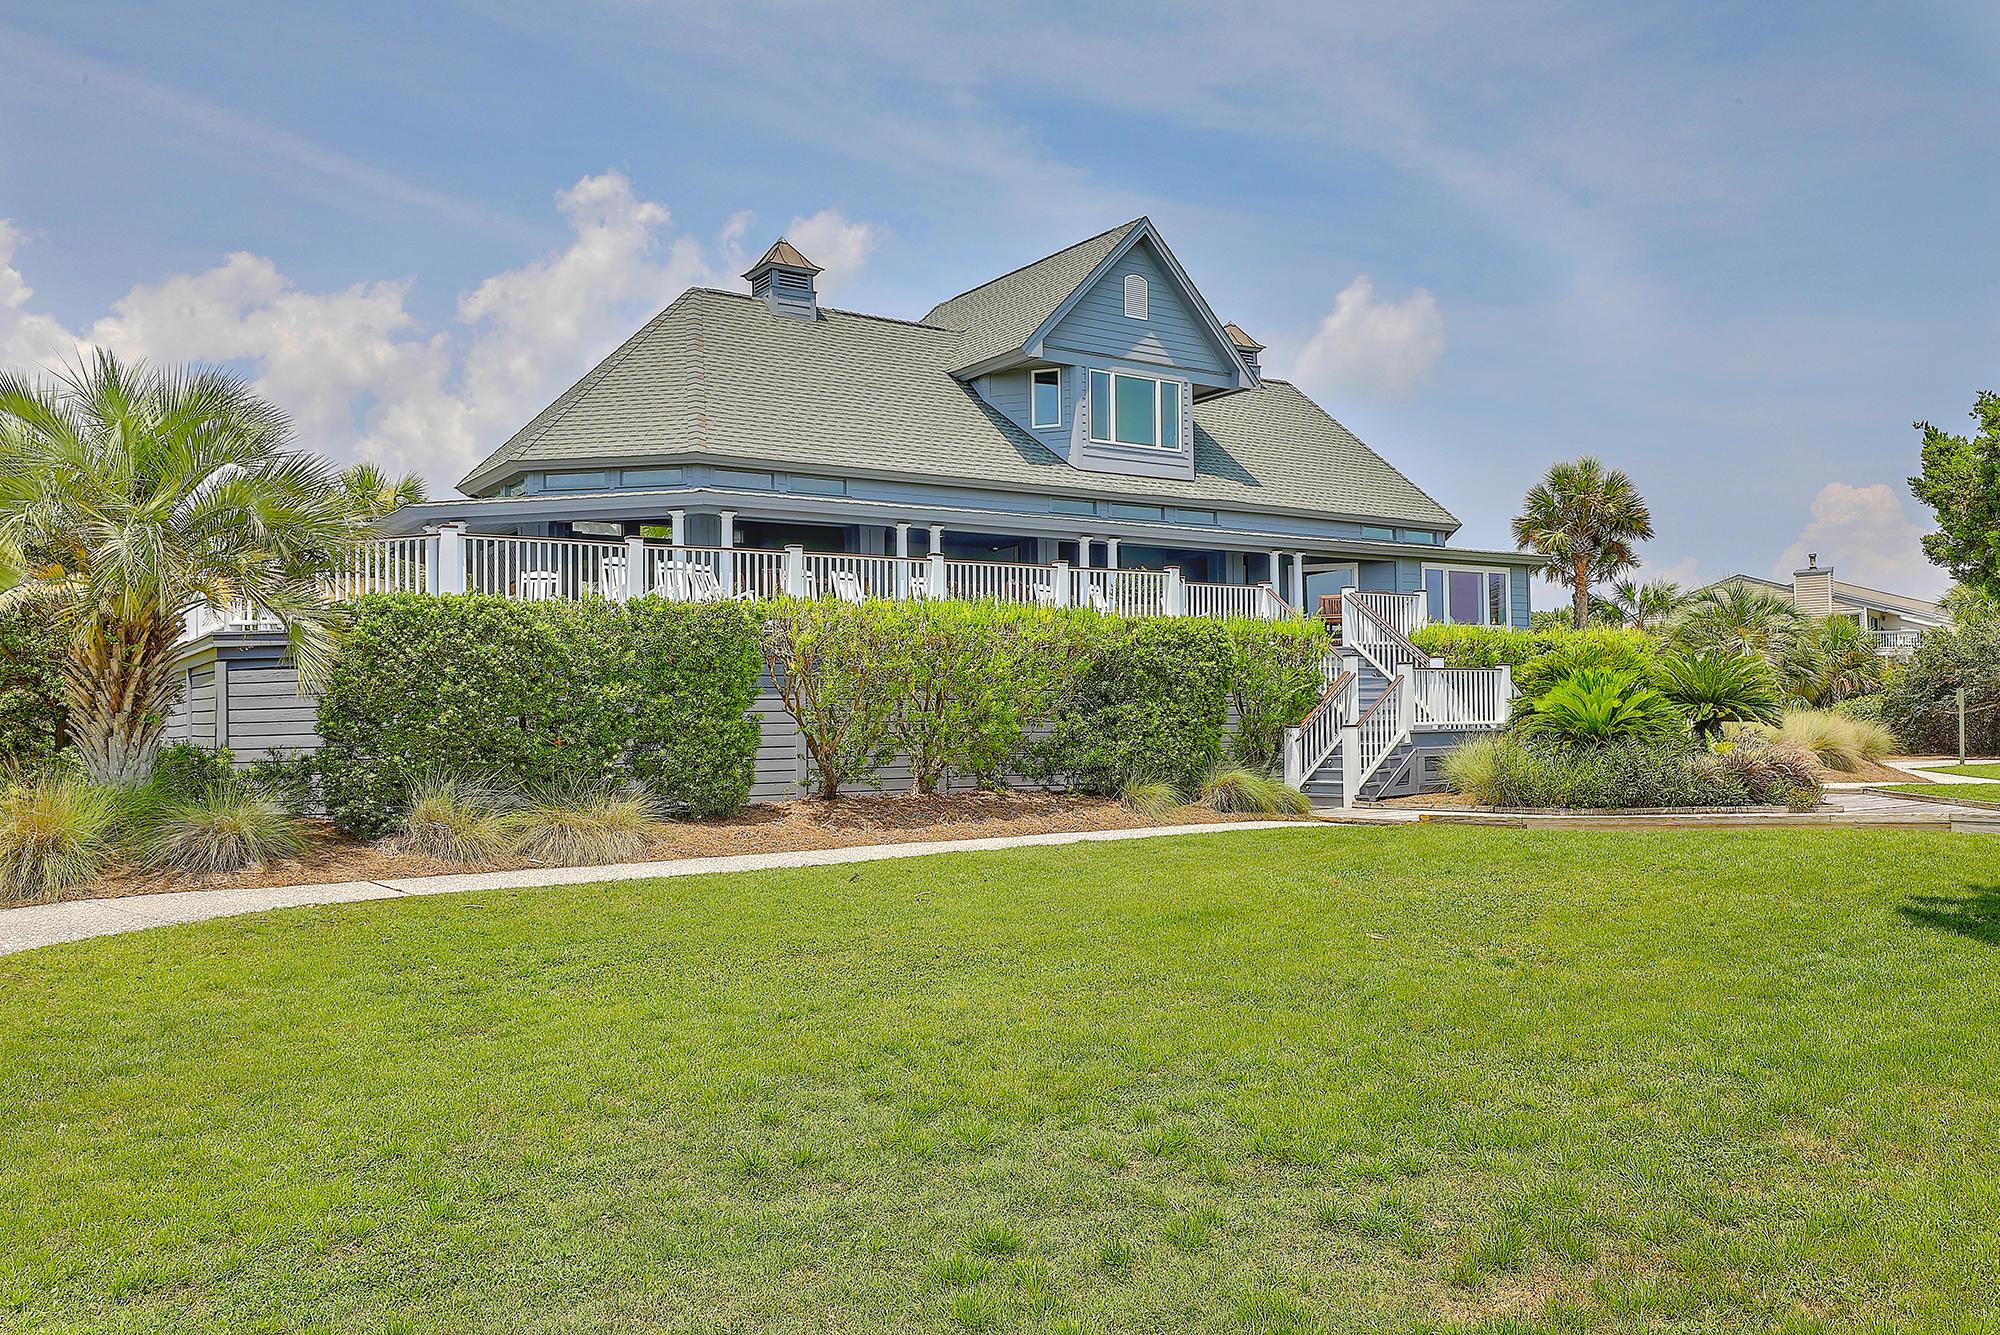 Beach Club Villas Homes For Sale - 15 Beach Club Villas, Isle of Palms, SC - 14